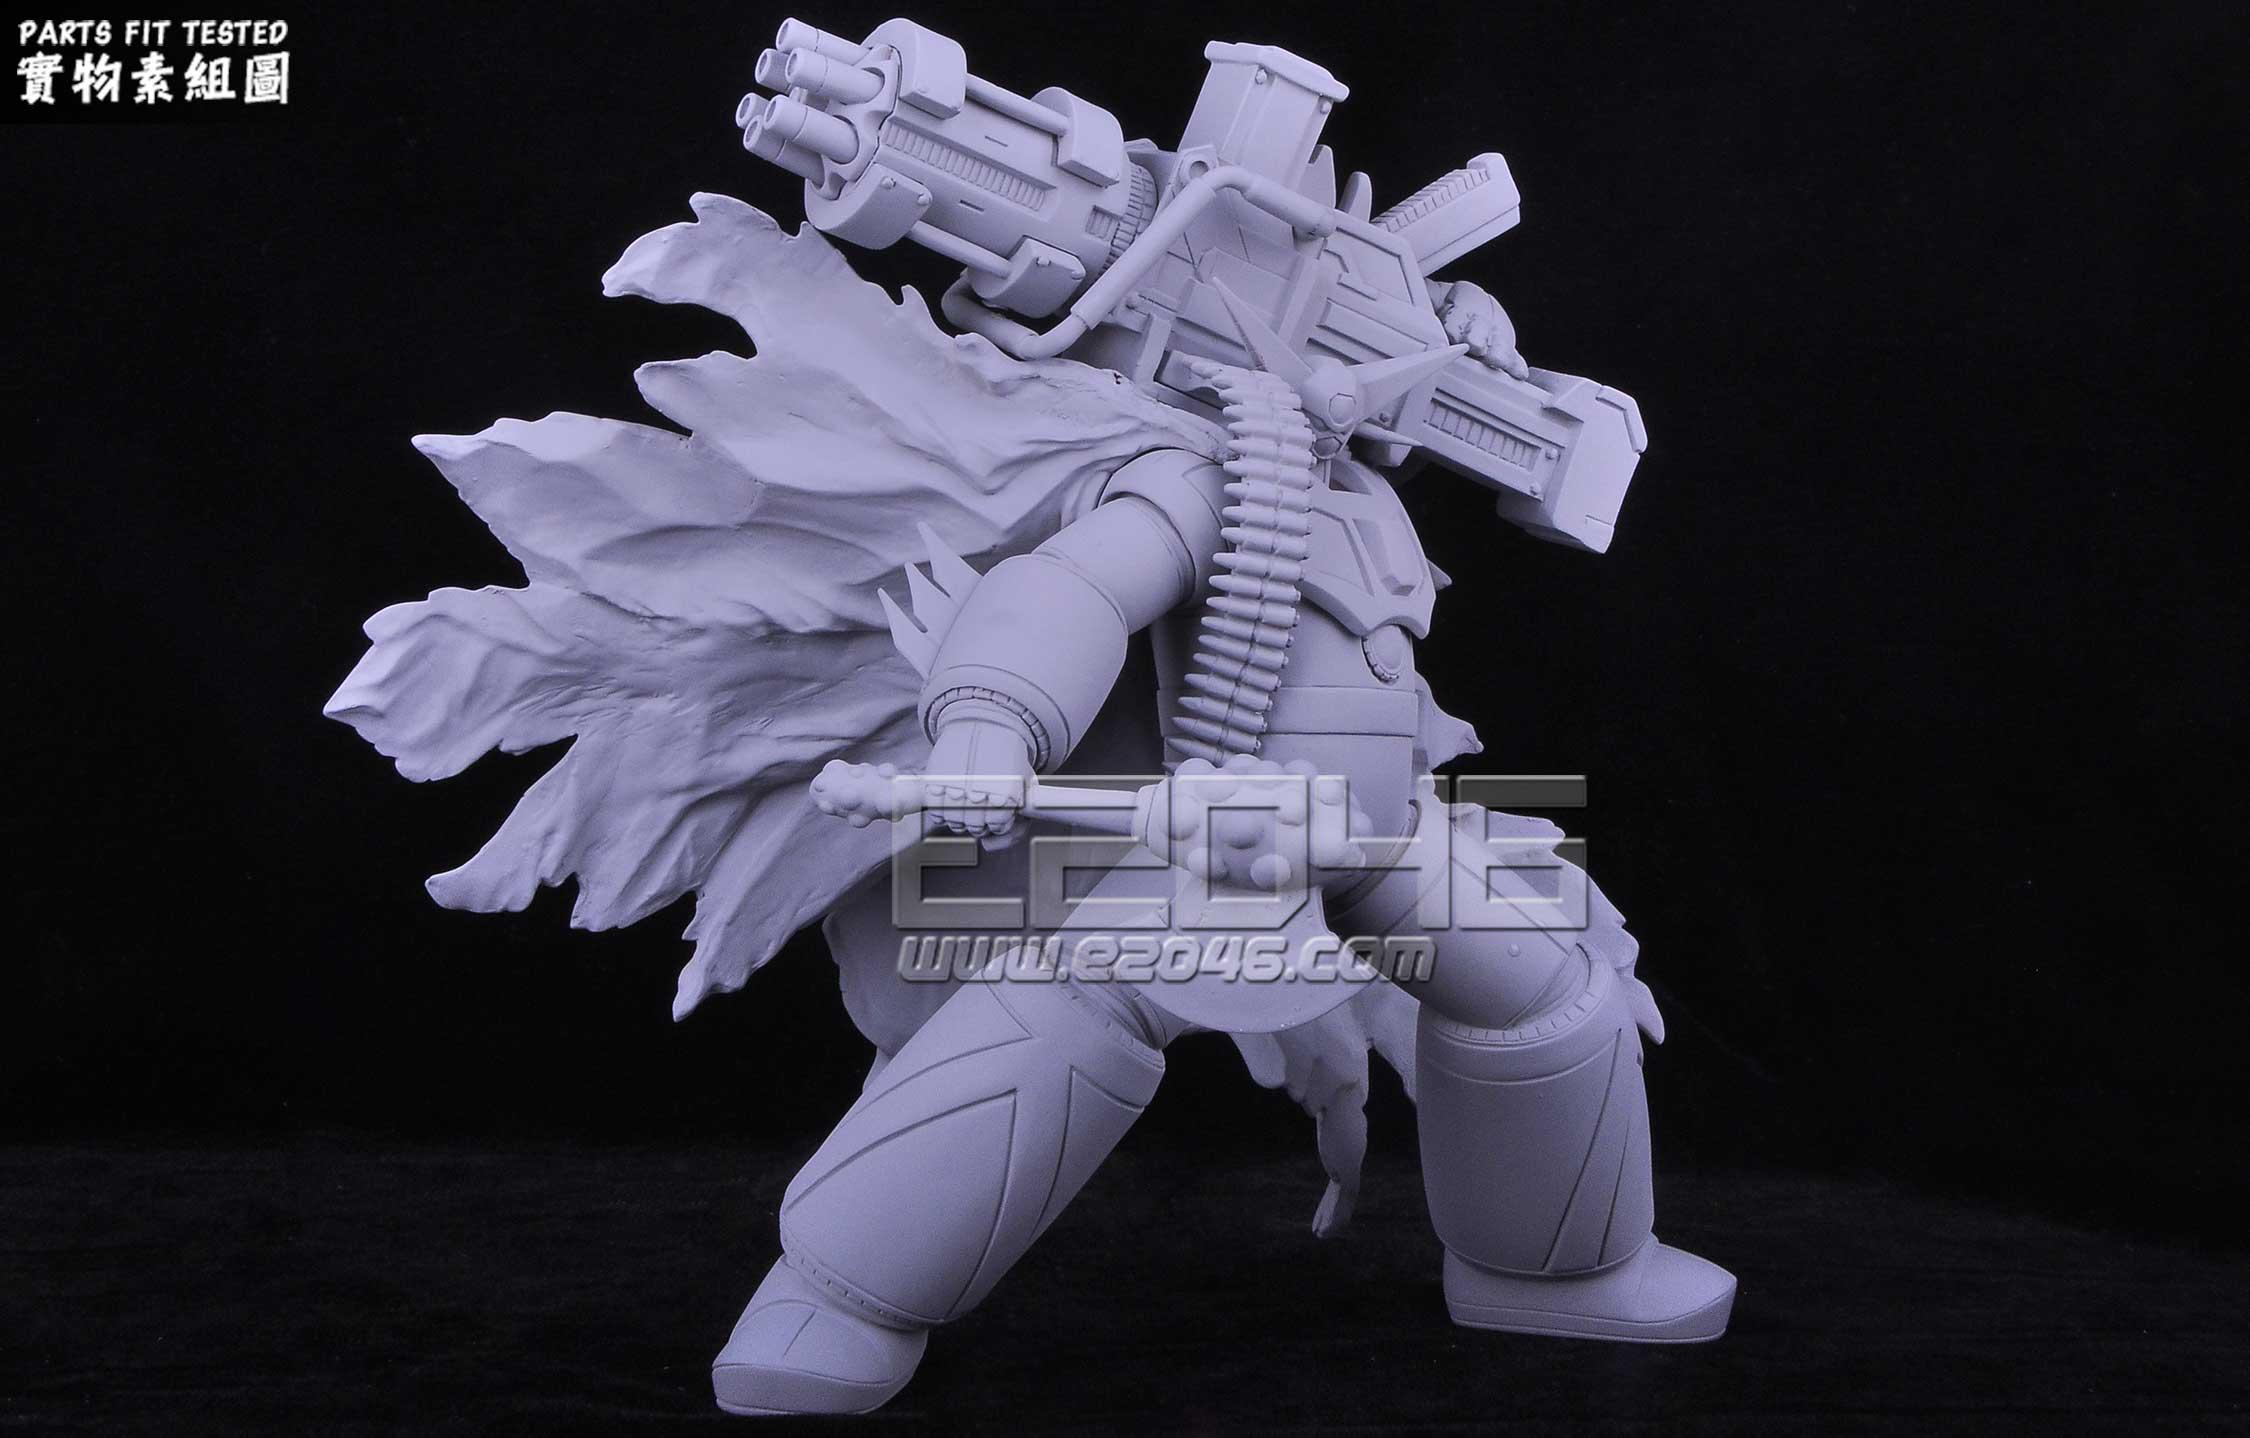 Getter-1 OVA Version